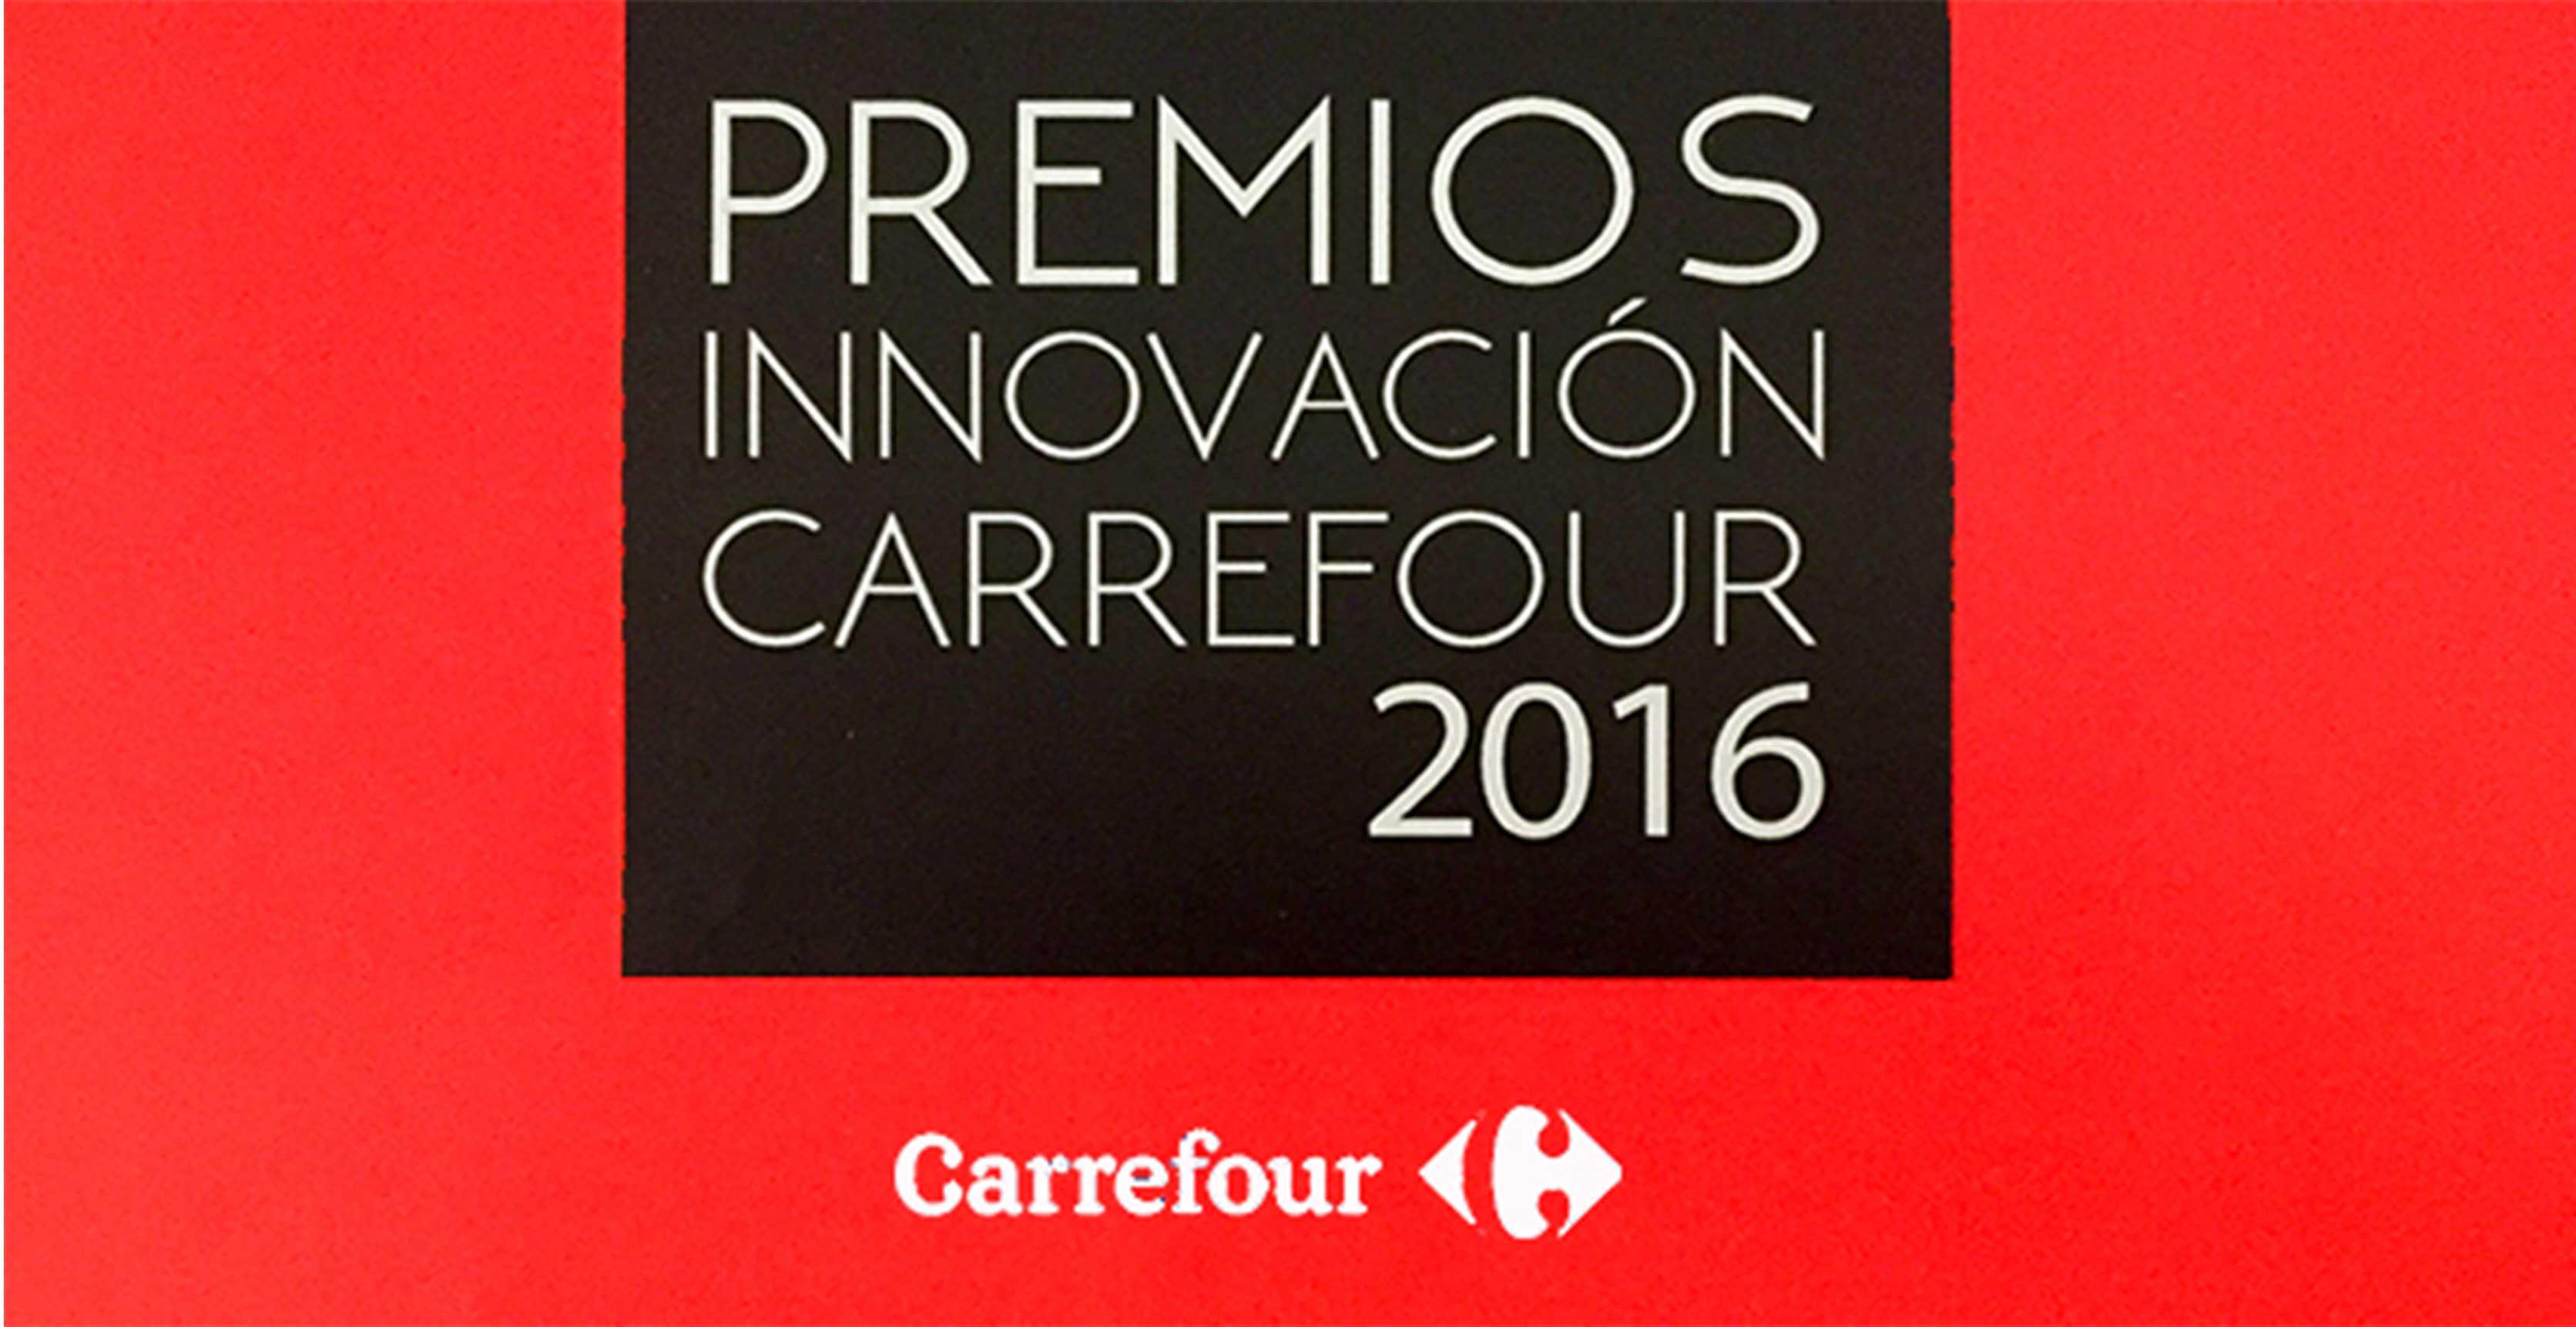 Premios innovaci n carrefour 2016 gastroactivity - Vajillas carrefour 2016 ...